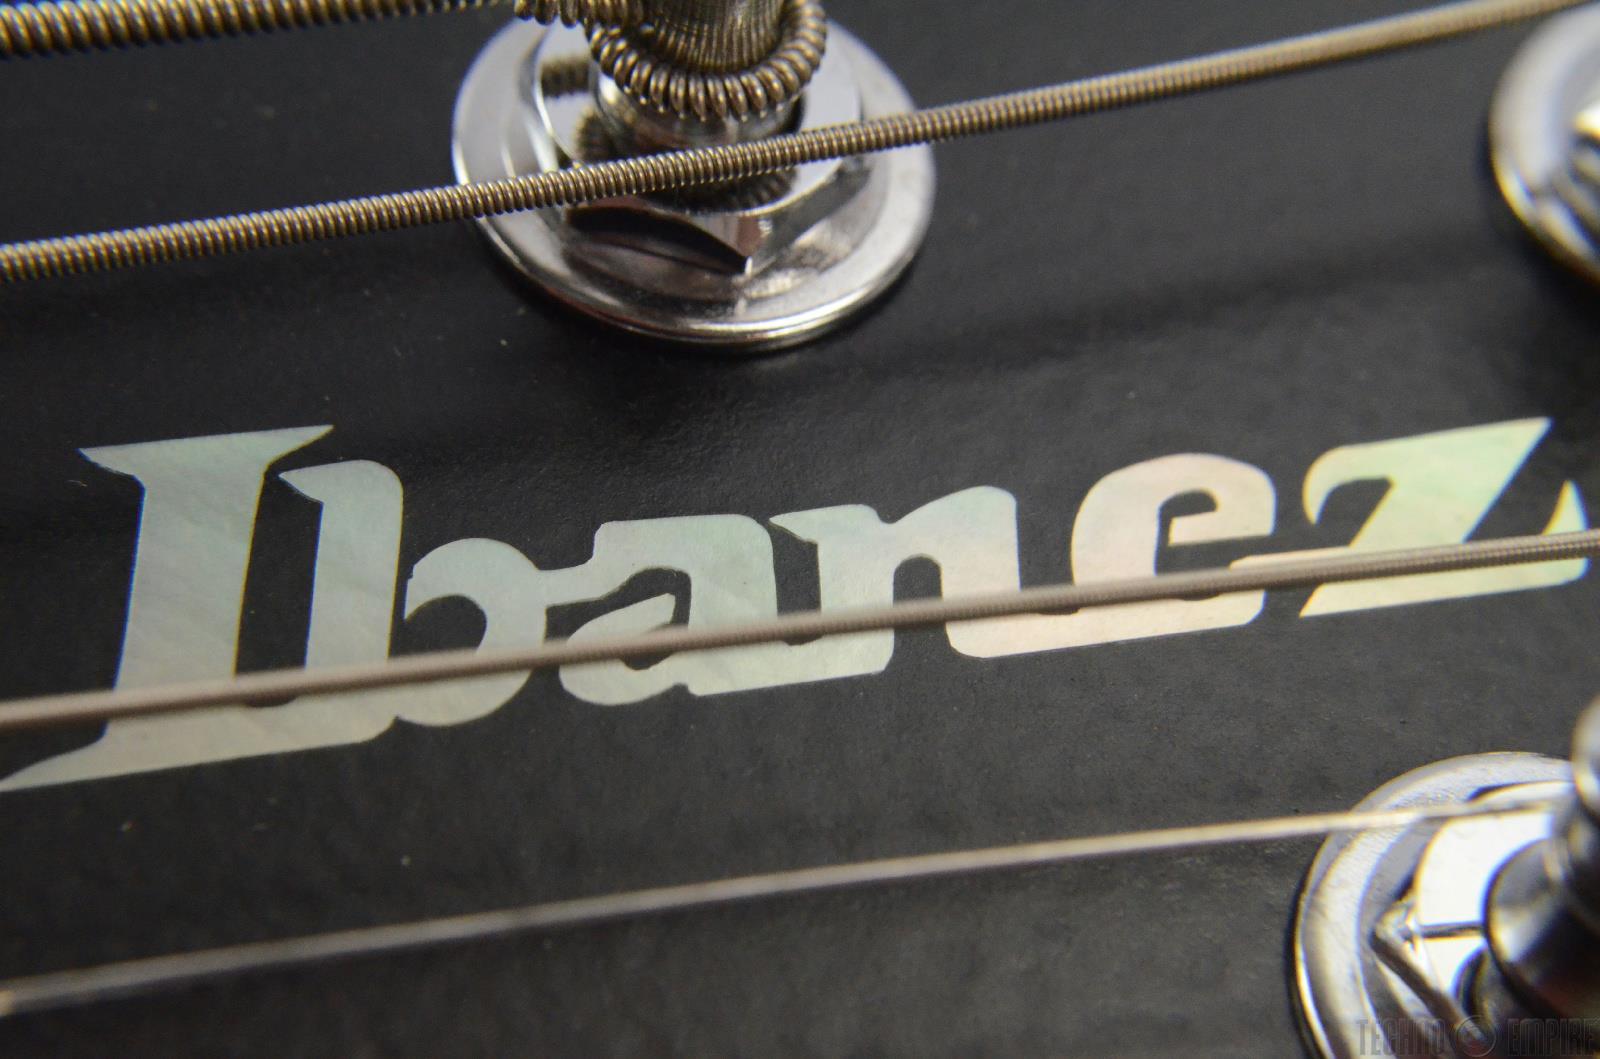 Ibanez Mmm1 Baritone Custom Mike Mushok Boa Snake Electric